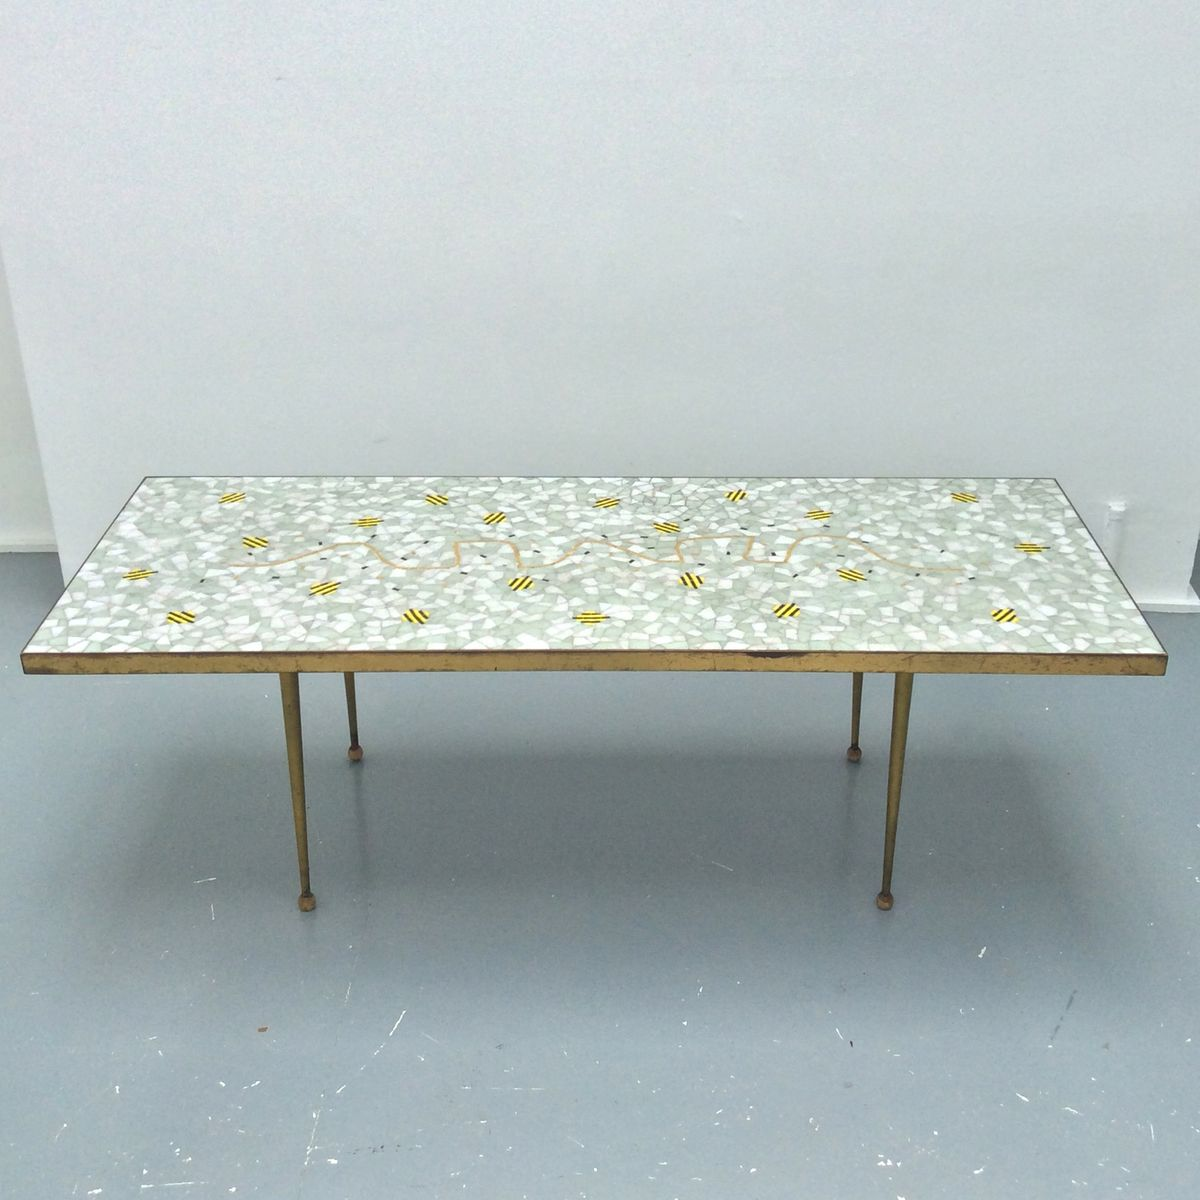 Schweitzer Tisch mit Mosaik und Verzierungen aus Messing, 1950er